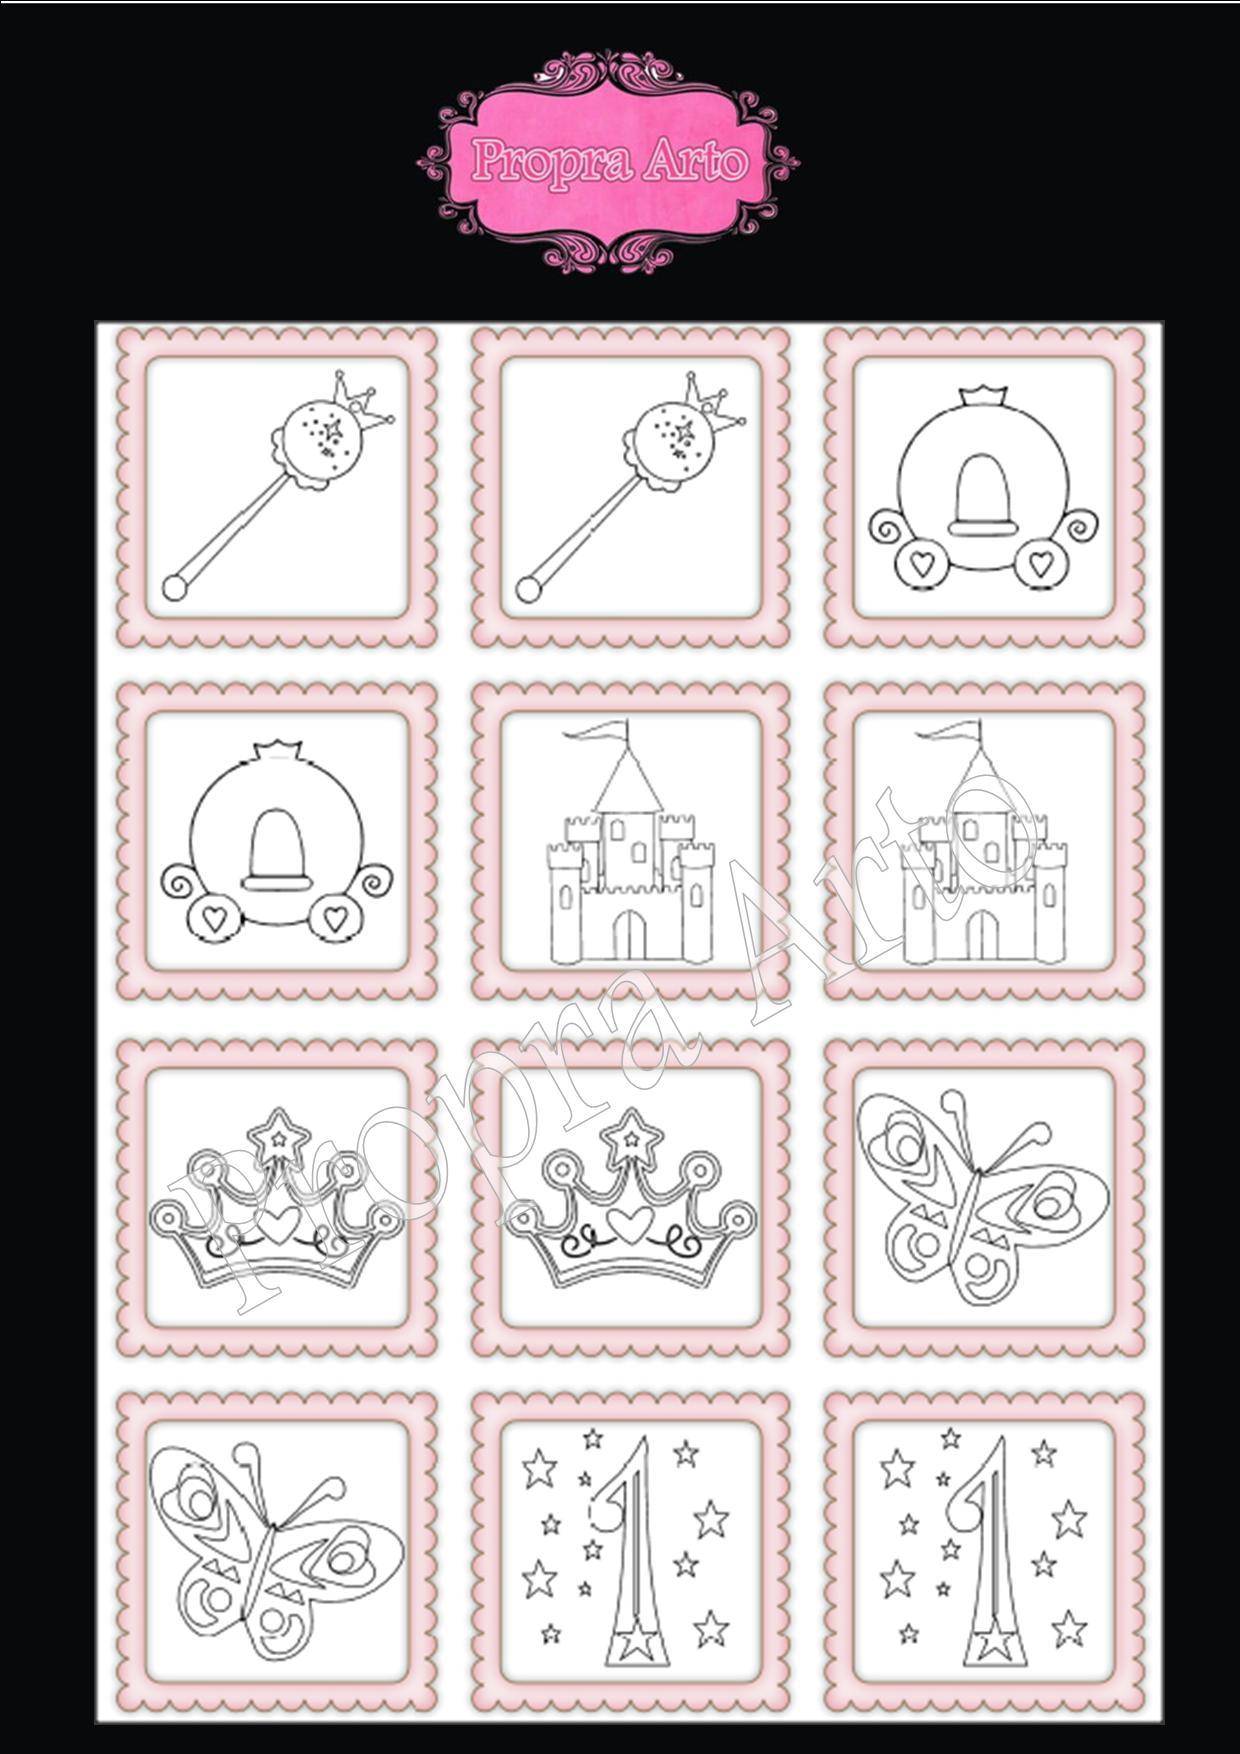 Super Jogo da memória para colorir | Propra Arto | Elo7 LB38